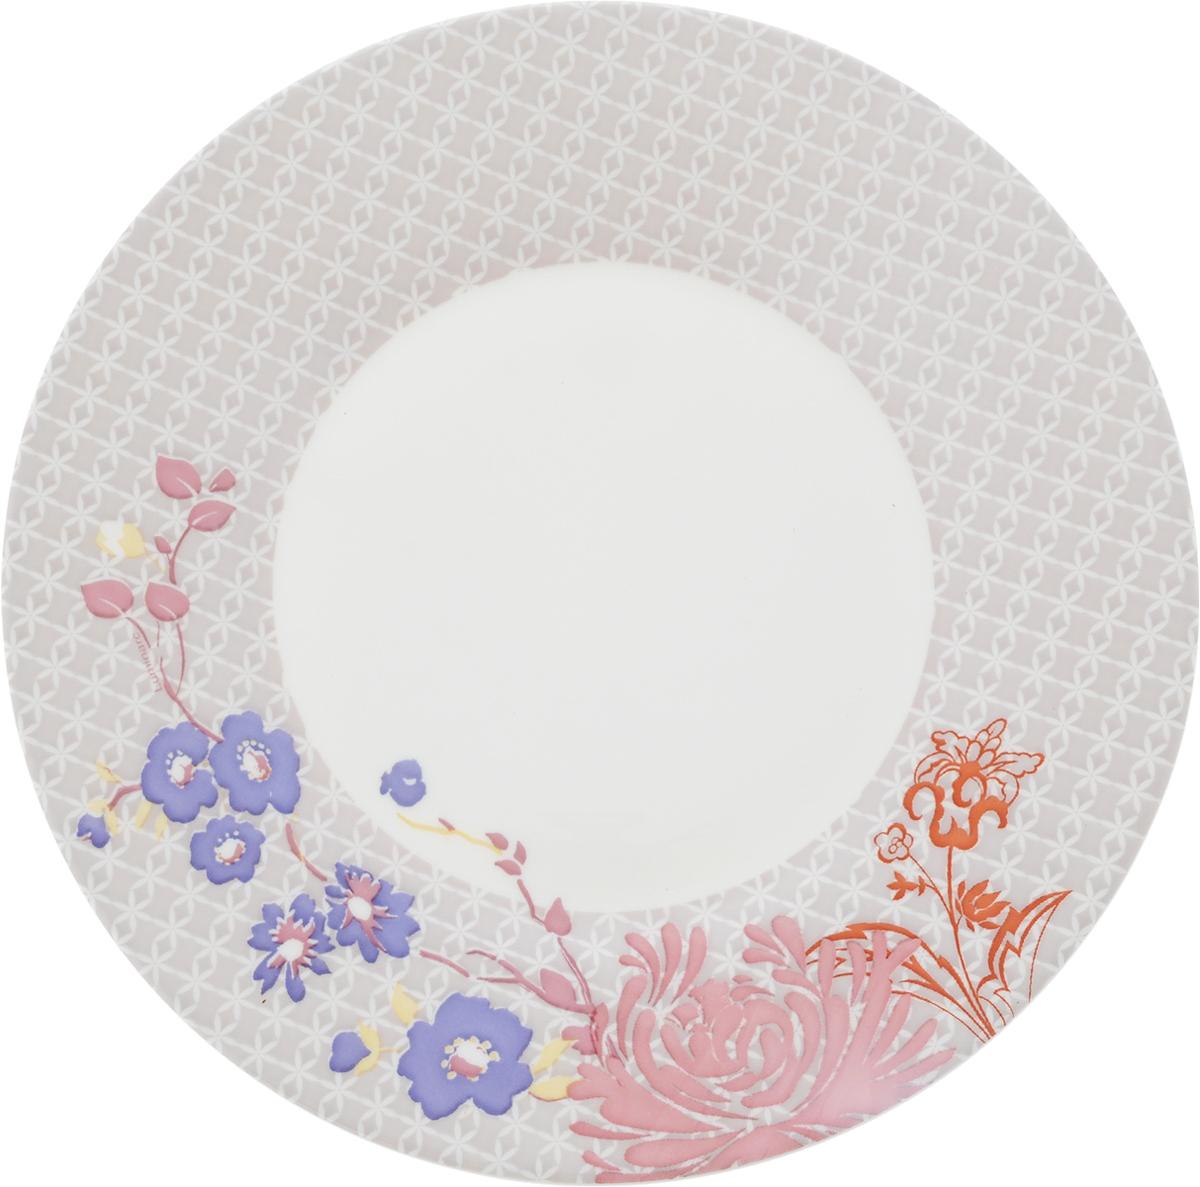 Тарелка десертная Luminarc Covent Garden, диаметр 22 смL1057Тарелка десертная Luminarc Covent Garden, декорированная нежным цветочным рисунком, изготовлена из высококачественного ударопрочного стекла. Изделие устойчиво к повреждениям и истиранию, в процессе эксплуатации не впитывает запахи и сохраняет первоначальные краски. Посуда Luminarc обладает не только высокими техническими характеристиками, но и красивым эстетичным дизайном. Luminarc - это современная, красивая, практичная столовая посуда. Такая тарелка идеально подходит для красивой сервировки десертных блюд. Можно мыть в посудомоечной машине.